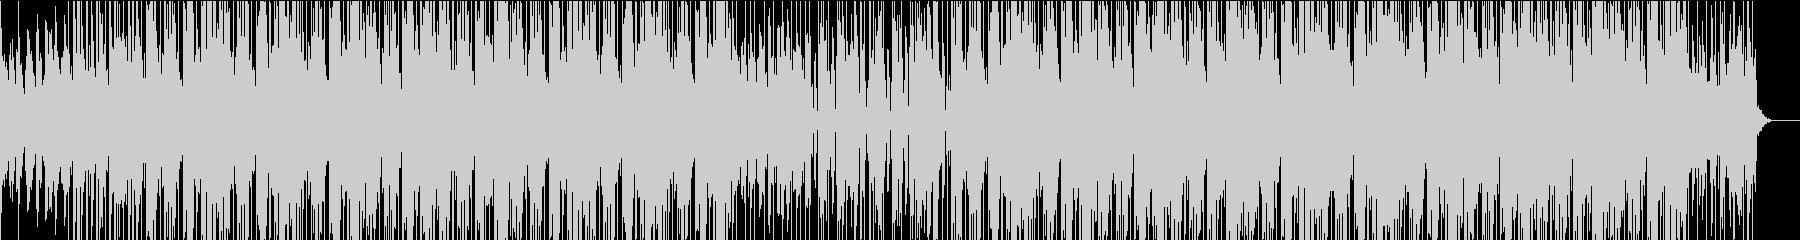 オシャレなシーンで使える雰囲気作りBGMの未再生の波形